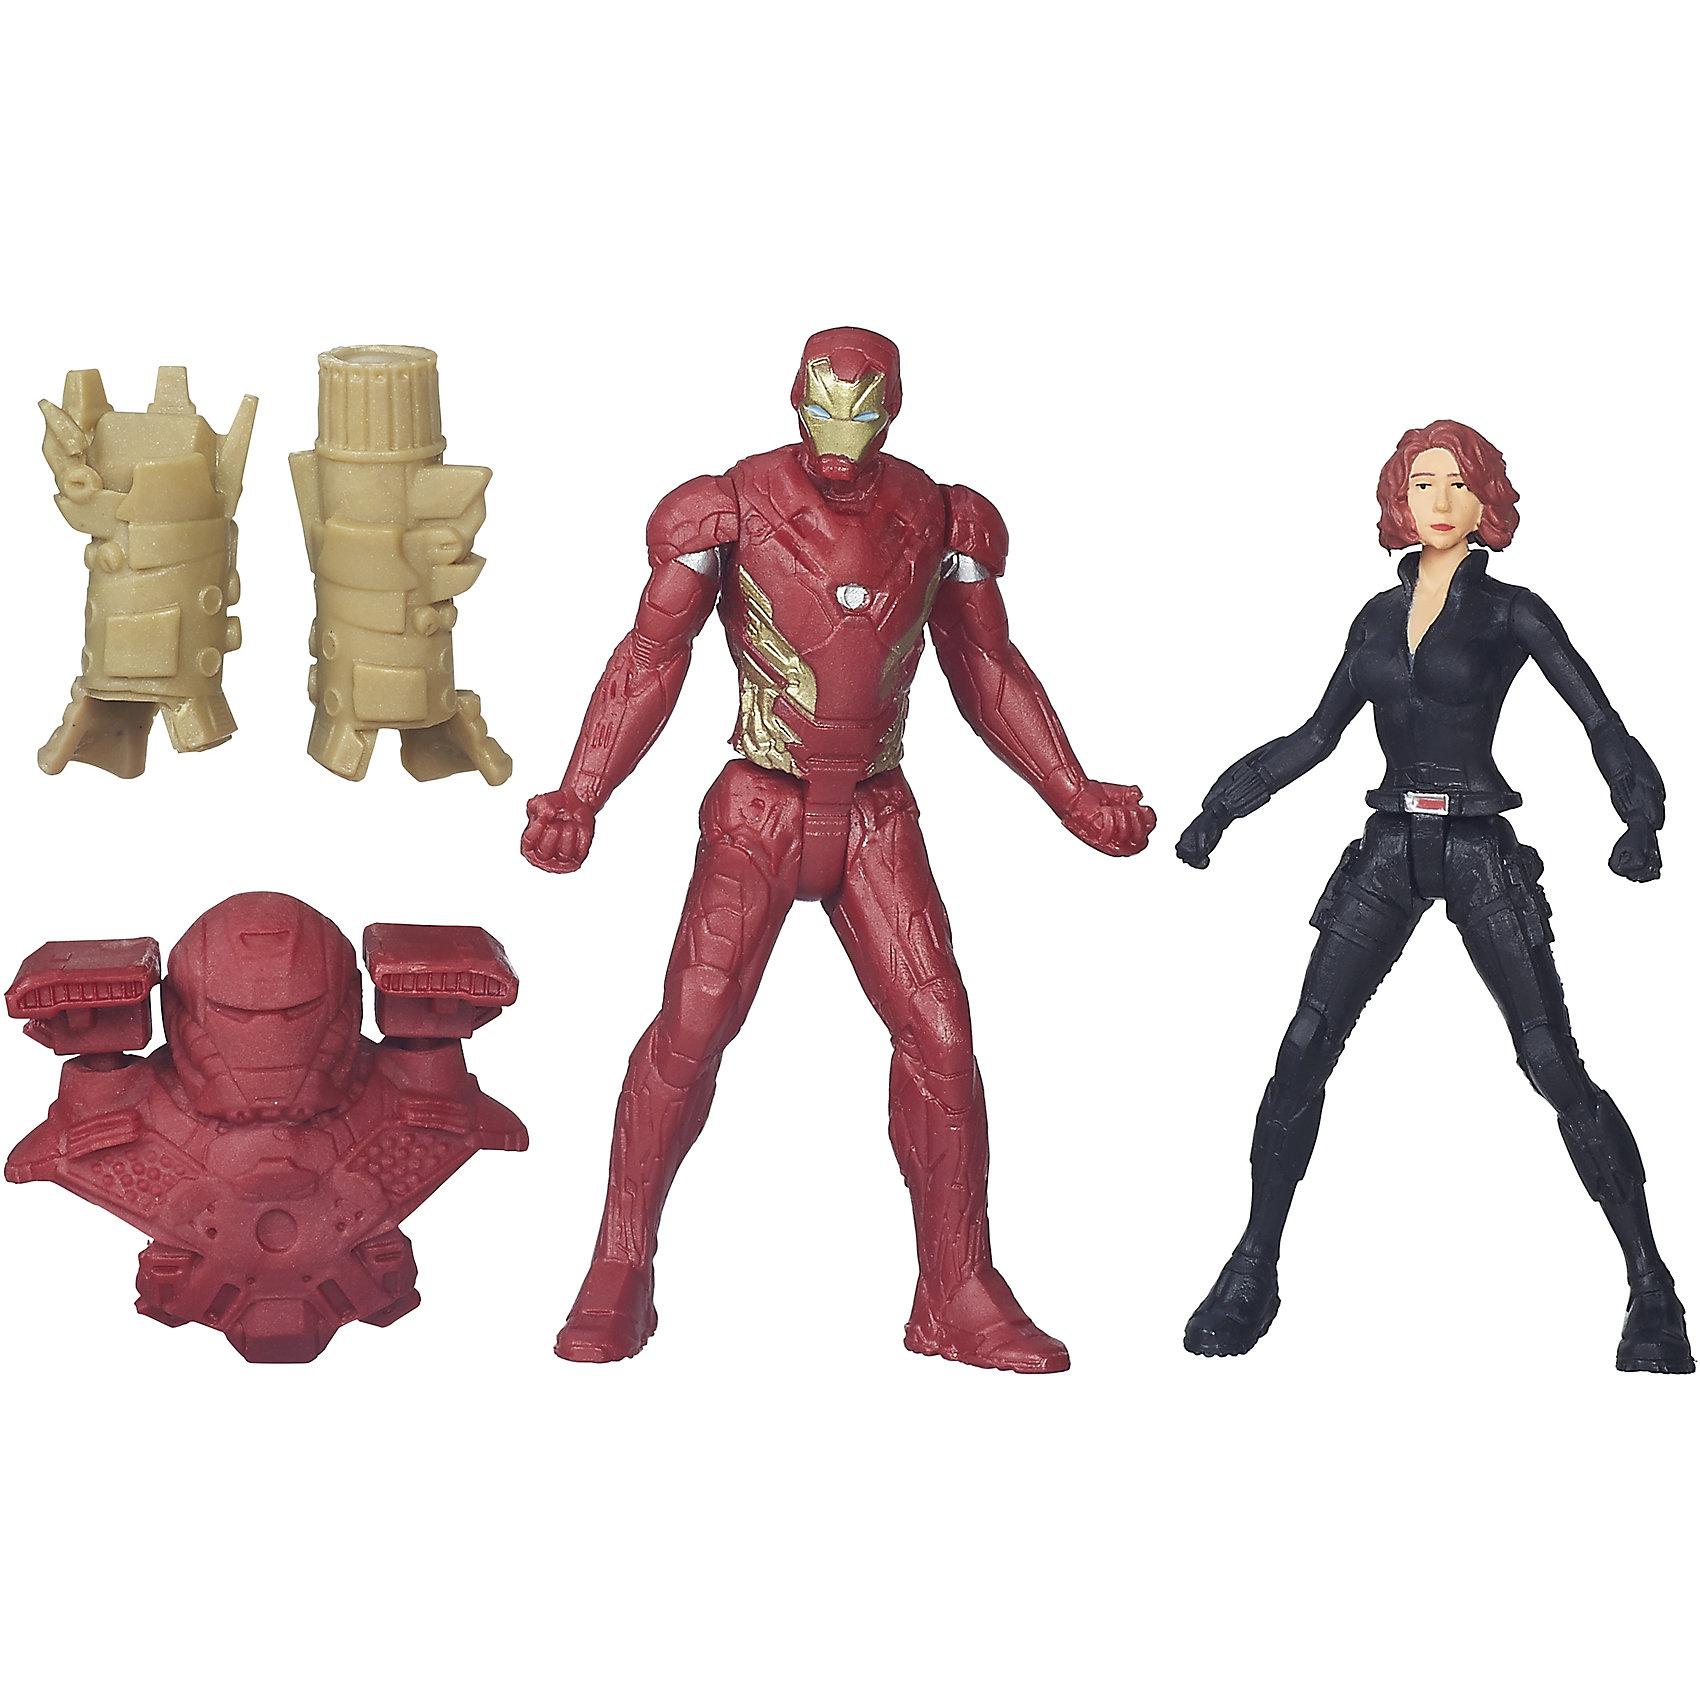 Набор из 2 фигурок Мстителей Iron Man vs Black WidowКоллекционные и игровые фигурки<br>Набор из 2 фигурок Мстителей Iron Man vs Black Widow.<br><br>Характеристики:<br><br>- В комплекте: 2 фигурки, броня<br>- Высота фигурки: 6 см.<br>- Материал: высококачественный пластик<br>- Размер упаковки: 16x14x4 см.<br><br>Игровой набор из фигурок от Hasbro вызовет настоящий восторг у юного поклонника знаменитой вселенной Marvel. Фигурки изготовлены из высококачественного прочного пластика и выполнены в виде Железного человека и Черной вдовы. В комплекте с фигурками идут дополнительные аксессуары: элементы бронекостюма Железного человека. Игрушечные персонажи максимально соответствует своим прототипам с учетом особенностей образа каждого героя. Фигурки имеют по пять точек артикуляции, что позволяет придавать им необходимое положение во время игры. Имея в игровом арсенале этих персонажей, ребенок сможет разыграть множество увлекательнейших сюжетов. В них в очередной раз развернется отчаянная борьба за мир, и смелые герои вновь спасут его благодаря своей силе, ловкости и находчивости! Совместимо с Башней Мстителей.<br><br>Набор из 2 фигурок Мстителей Iron Man vs Black Widow можно купить в нашем интернет-магазине.<br><br>Ширина мм: 44<br>Глубина мм: 140<br>Высота мм: 159<br>Вес г: 50<br>Возраст от месяцев: 48<br>Возраст до месяцев: 144<br>Пол: Мужской<br>Возраст: Детский<br>SKU: 4874296